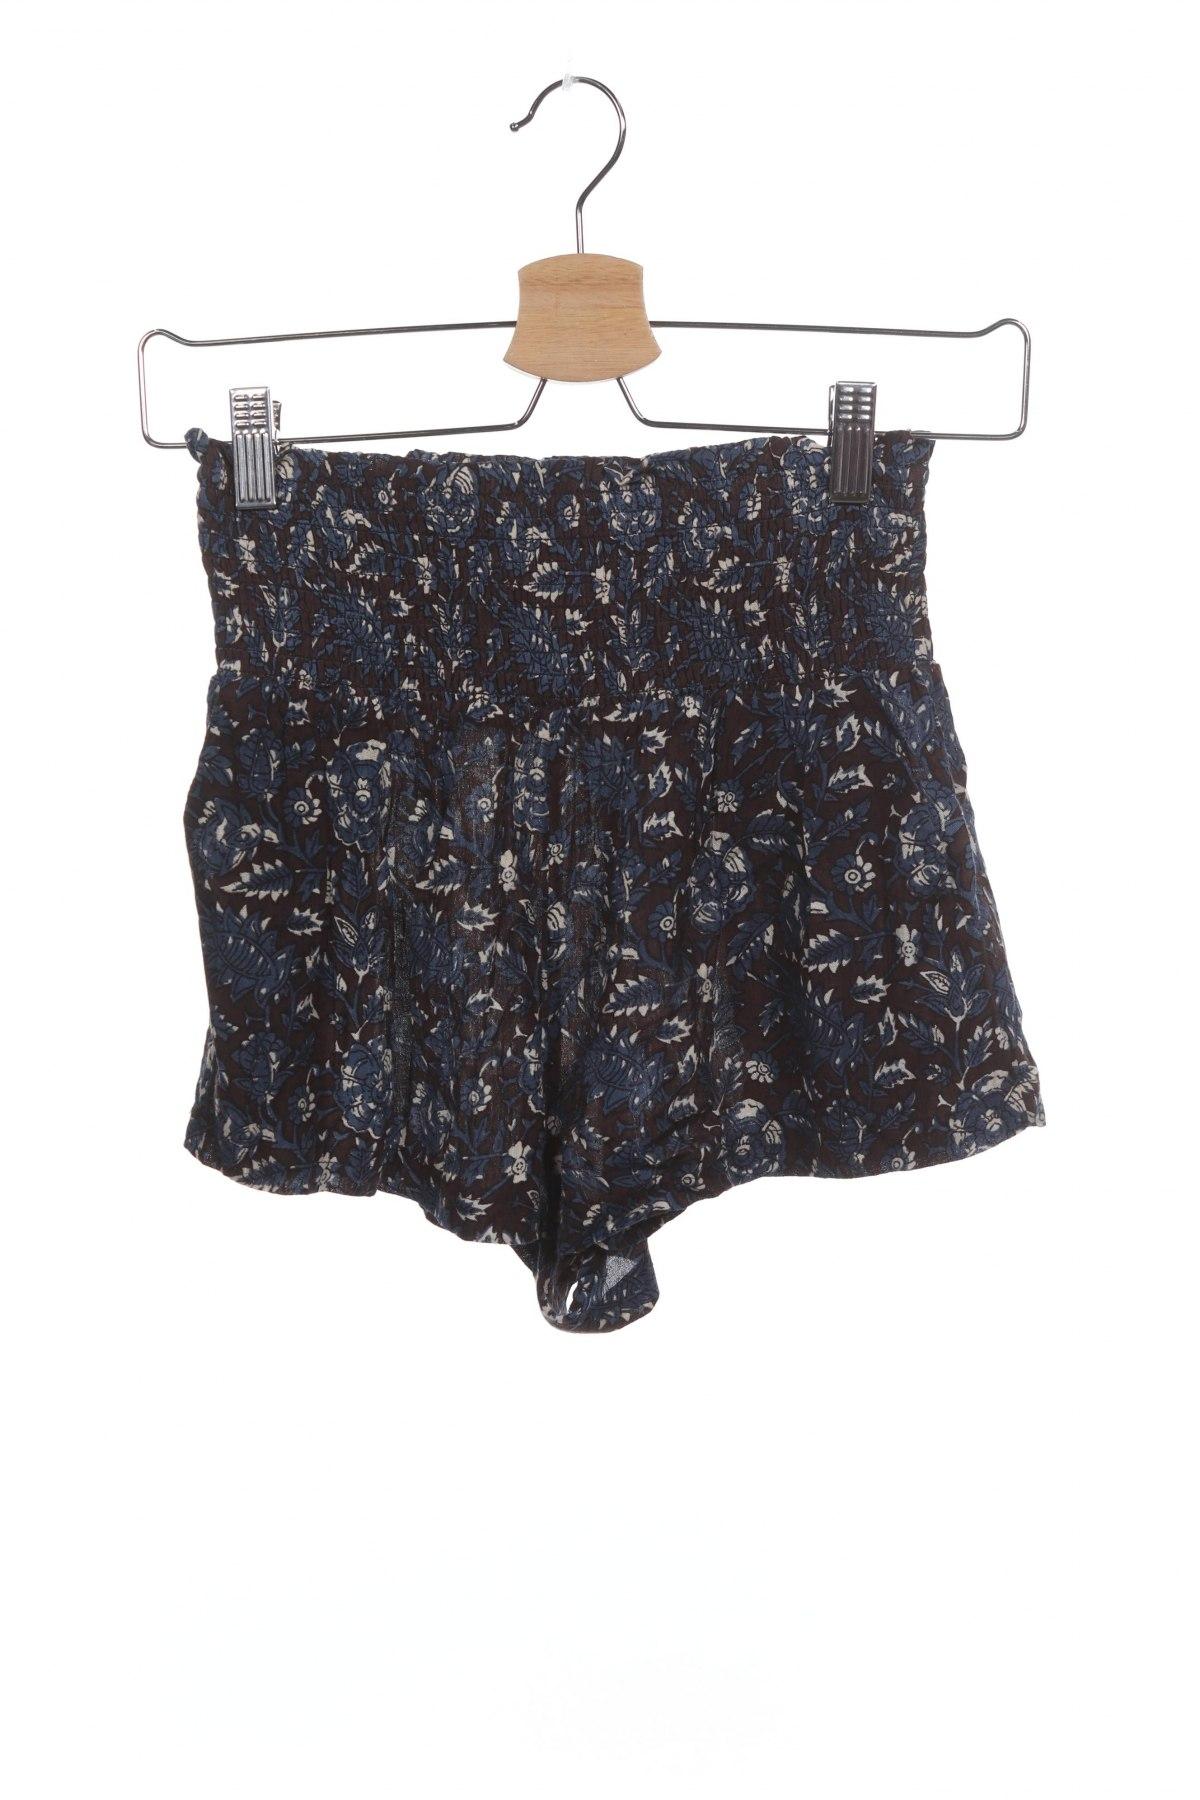 Дамски къс панталон Urban Outfitters, Размер XS, Цвят Многоцветен, Вискоза, Цена 5,36лв.